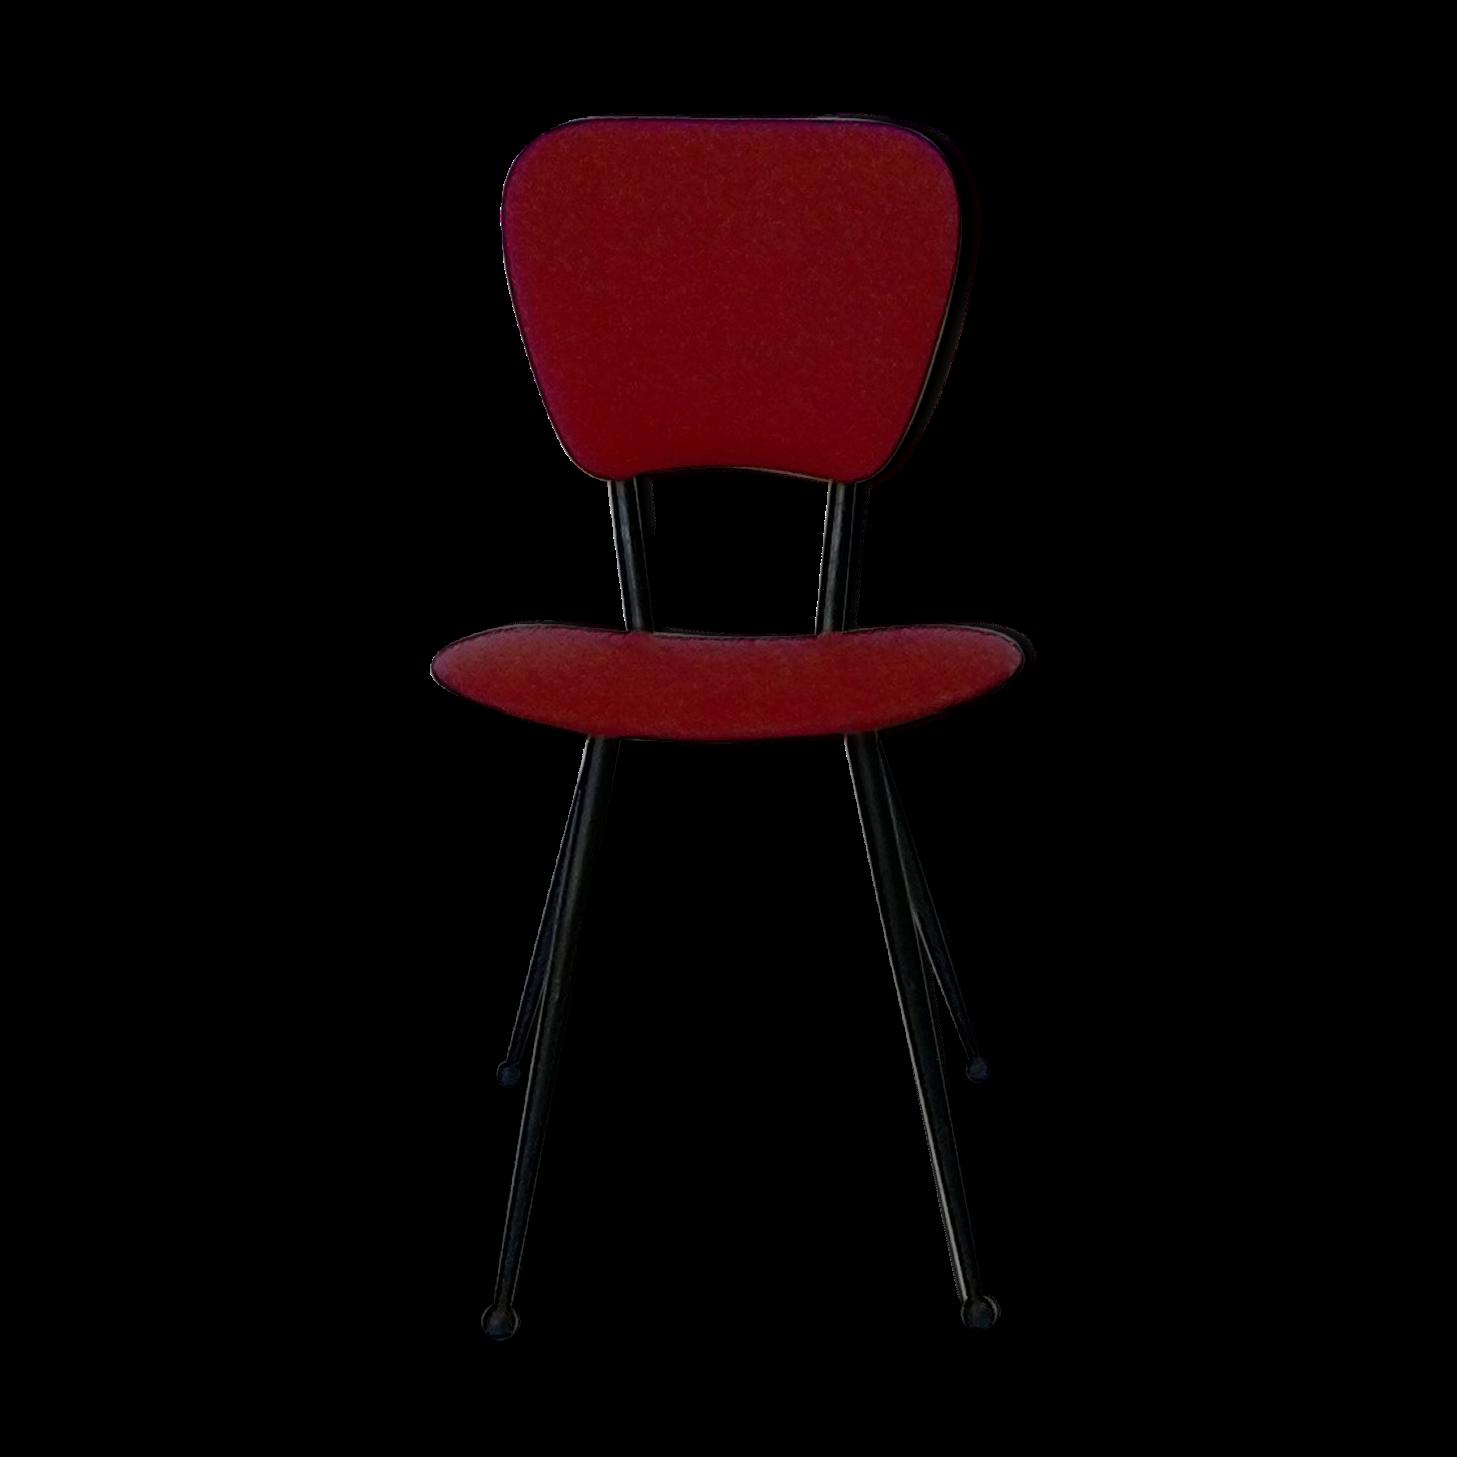 Chaise paysanne rouge cheap best chaise cuisine pas cher for Deco cuisine avec chaise en couleur pas cher